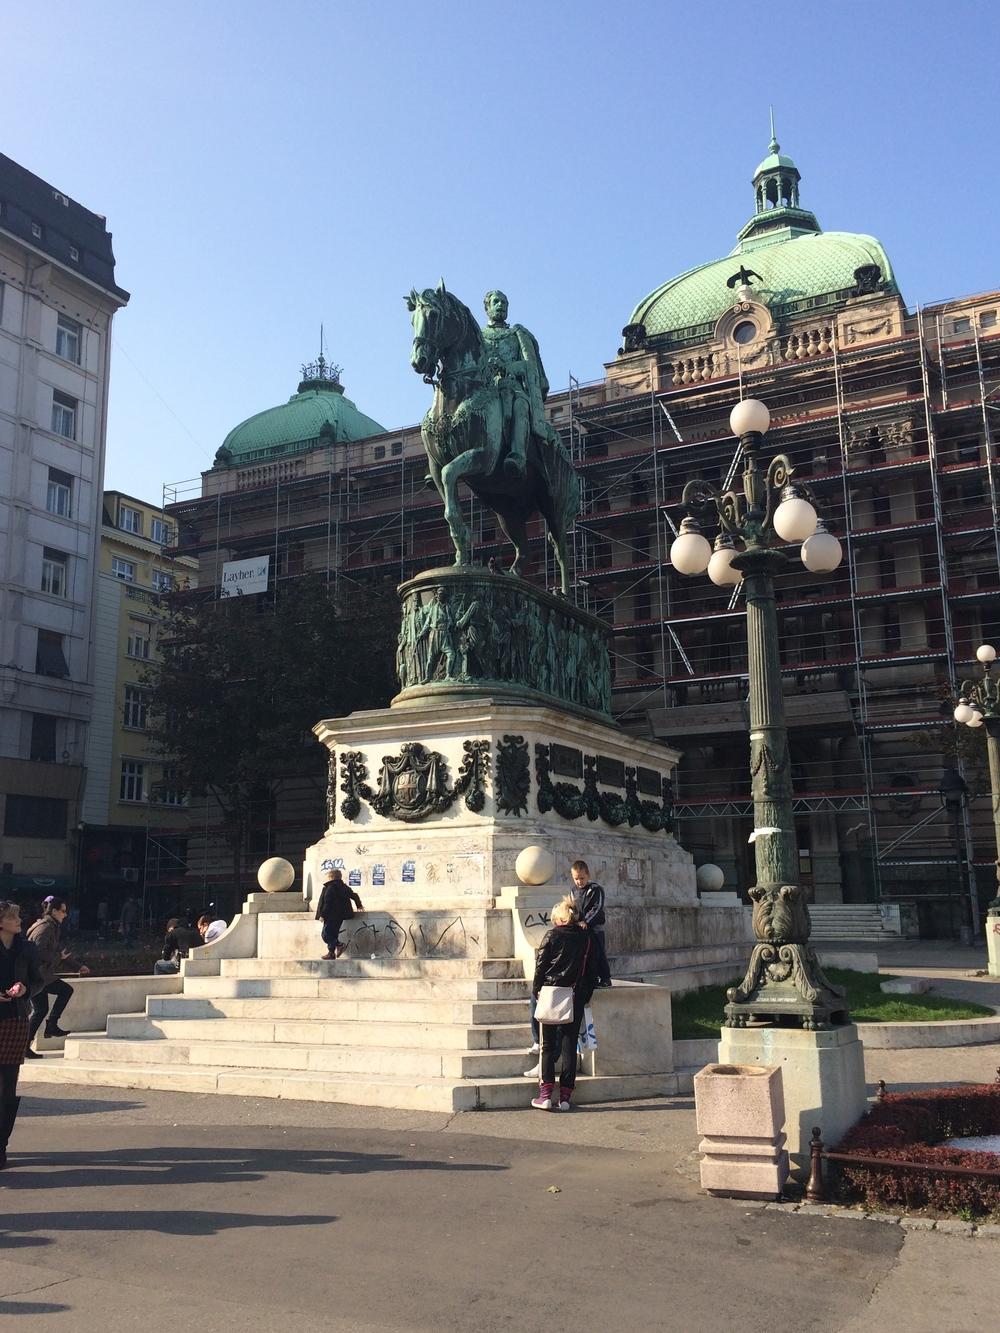 The statue of Prince Mihailo in Republic Square.